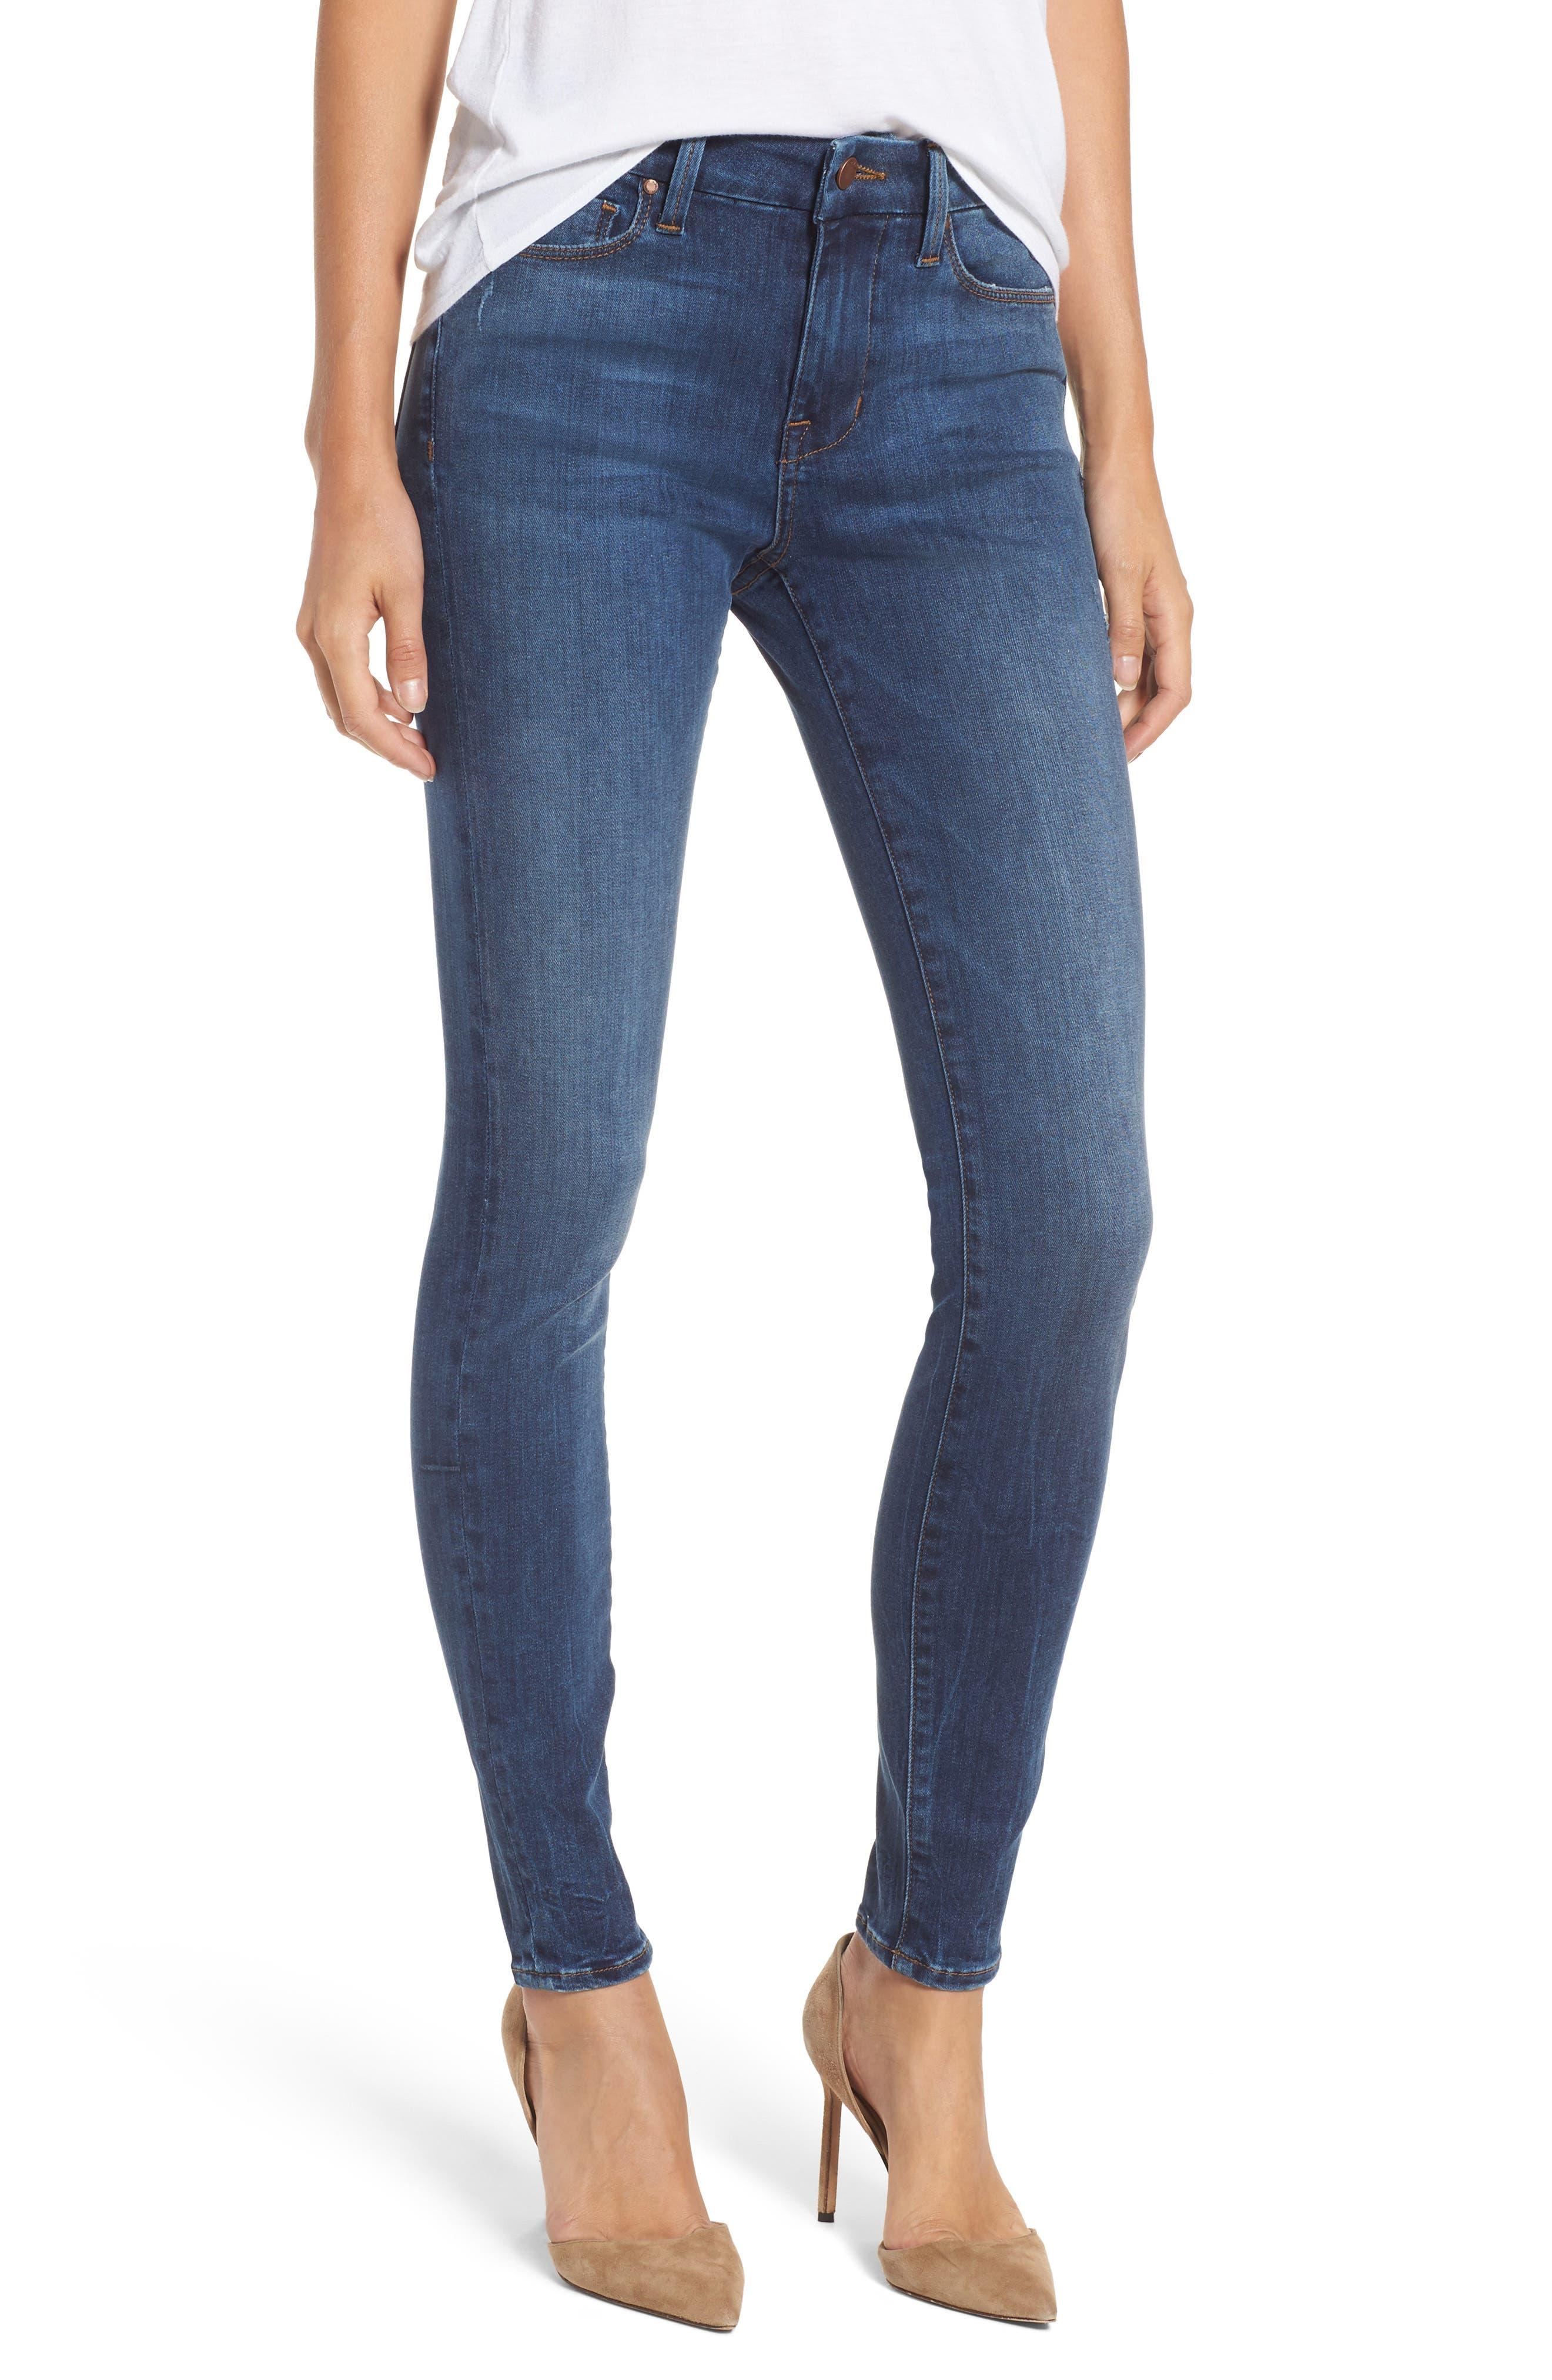 Main Image - Fidelity Denim Belvedere Skinny Jeans (Vintage Blue)